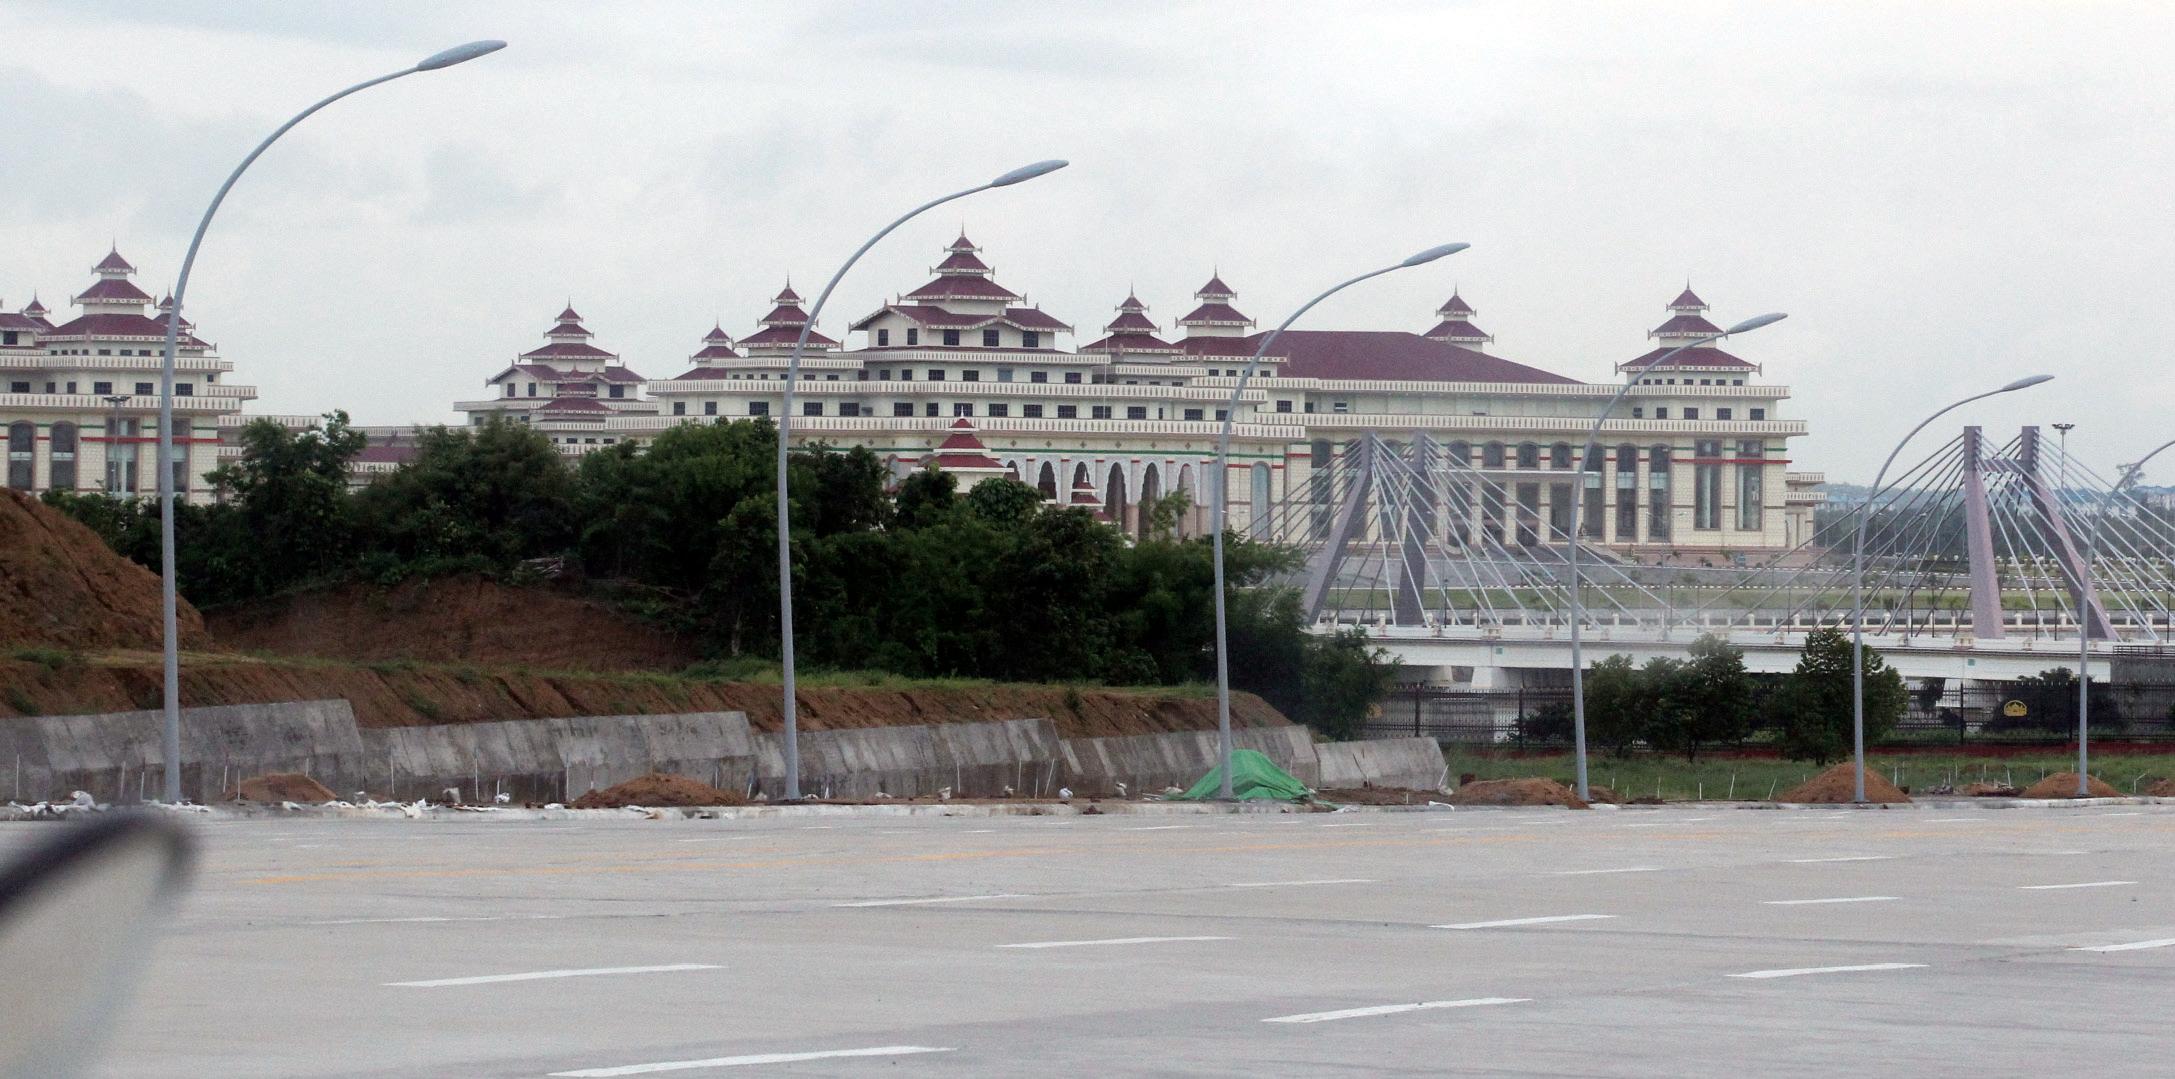 으리으리하면서도 외부인은 접근하지 못하게 하는 미얀마 대통령궁.